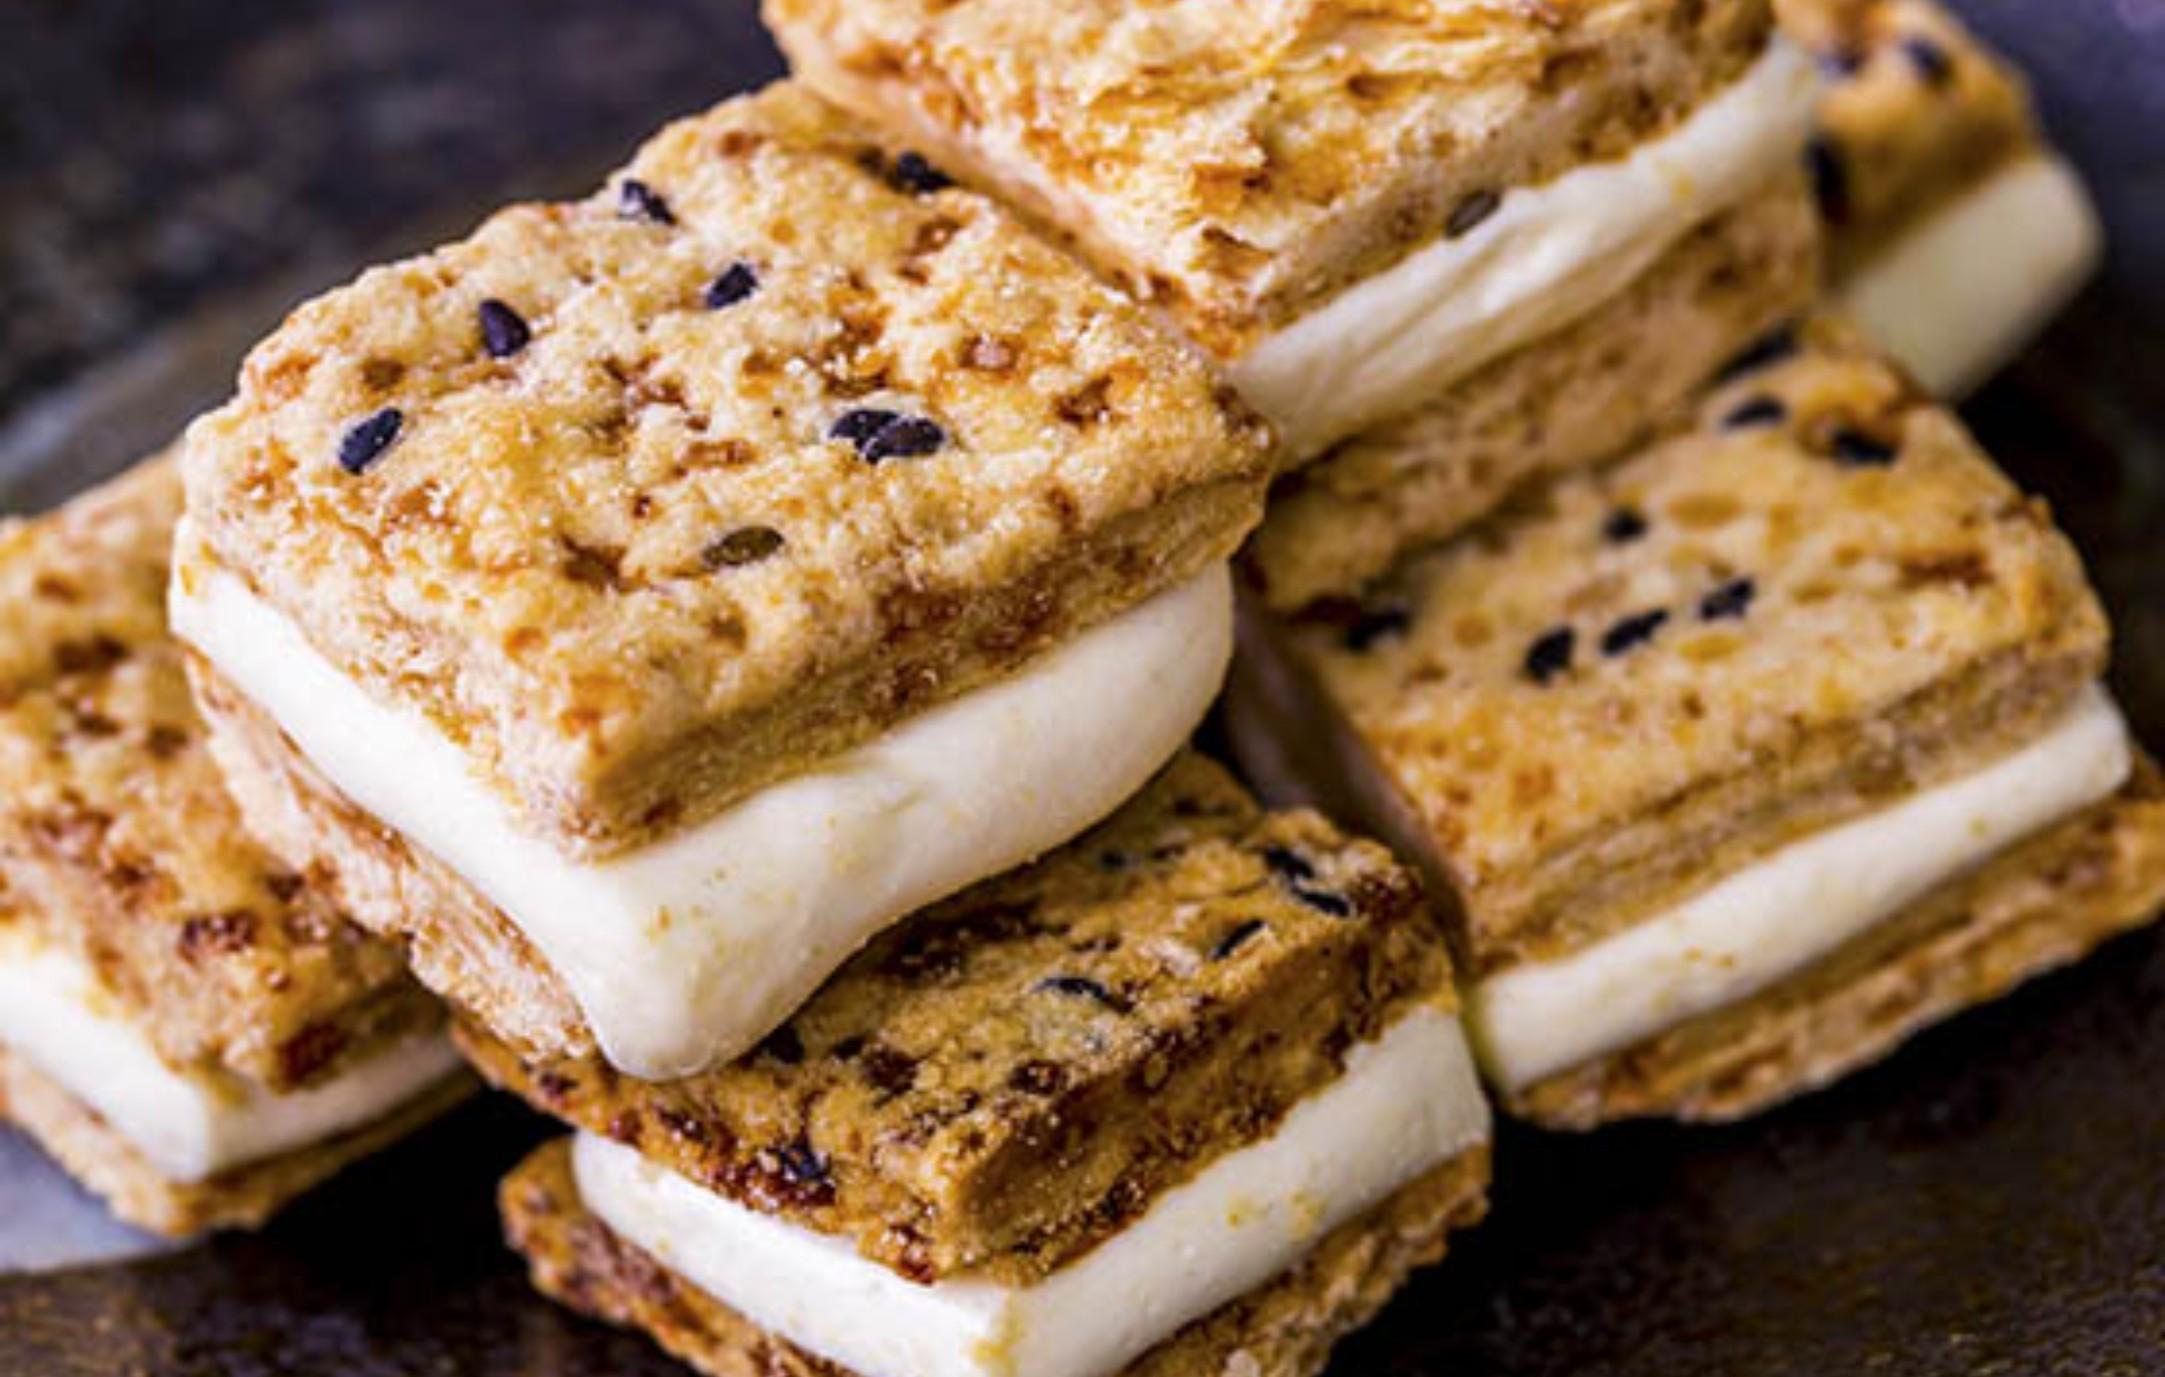 【蘿蒂烘焙坊】爆漿牛軋糖方塊一口酥 (低糖/低熱量)/12包免運組(即日滿15包送1包呦)(可備註加購手提紙袋2元)